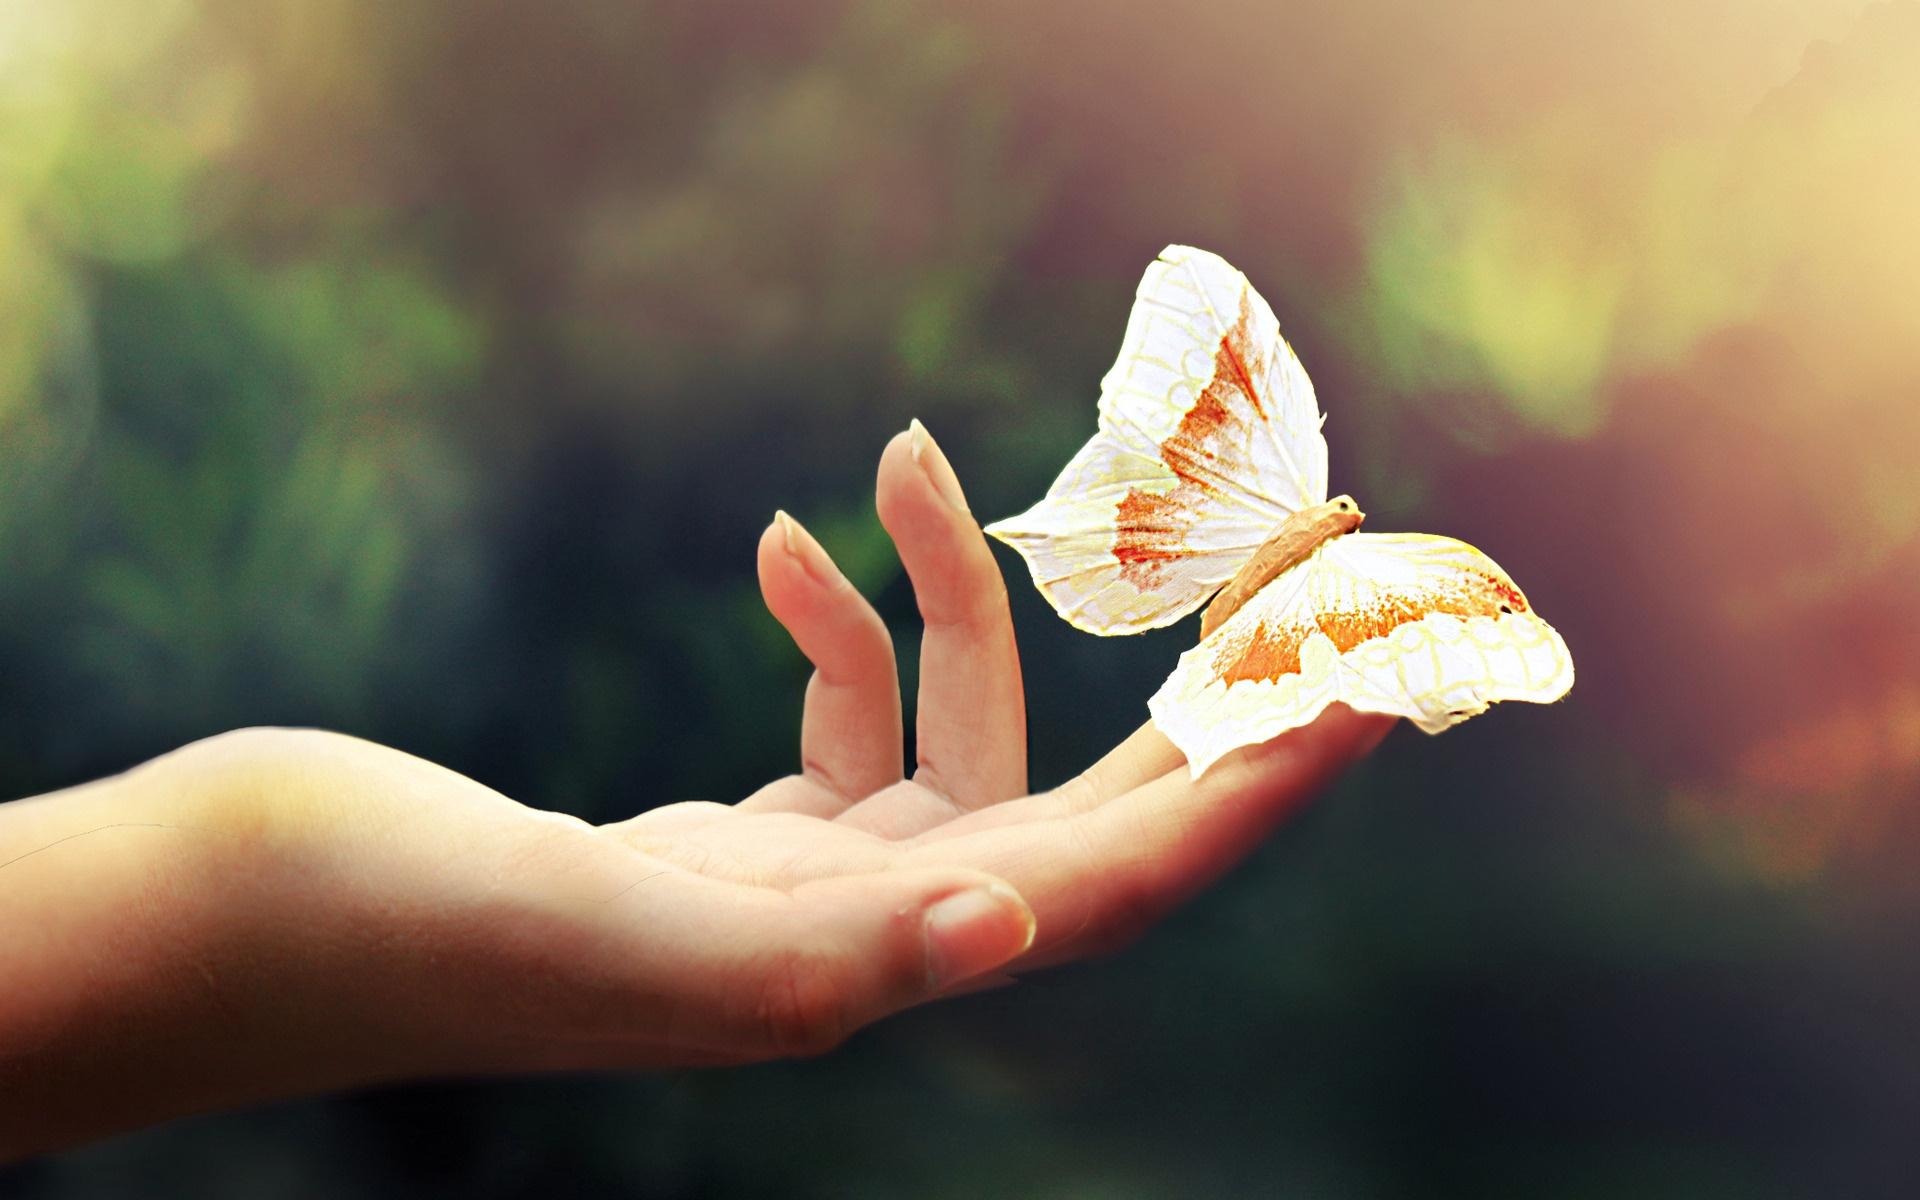 Бабочка на пальце руки